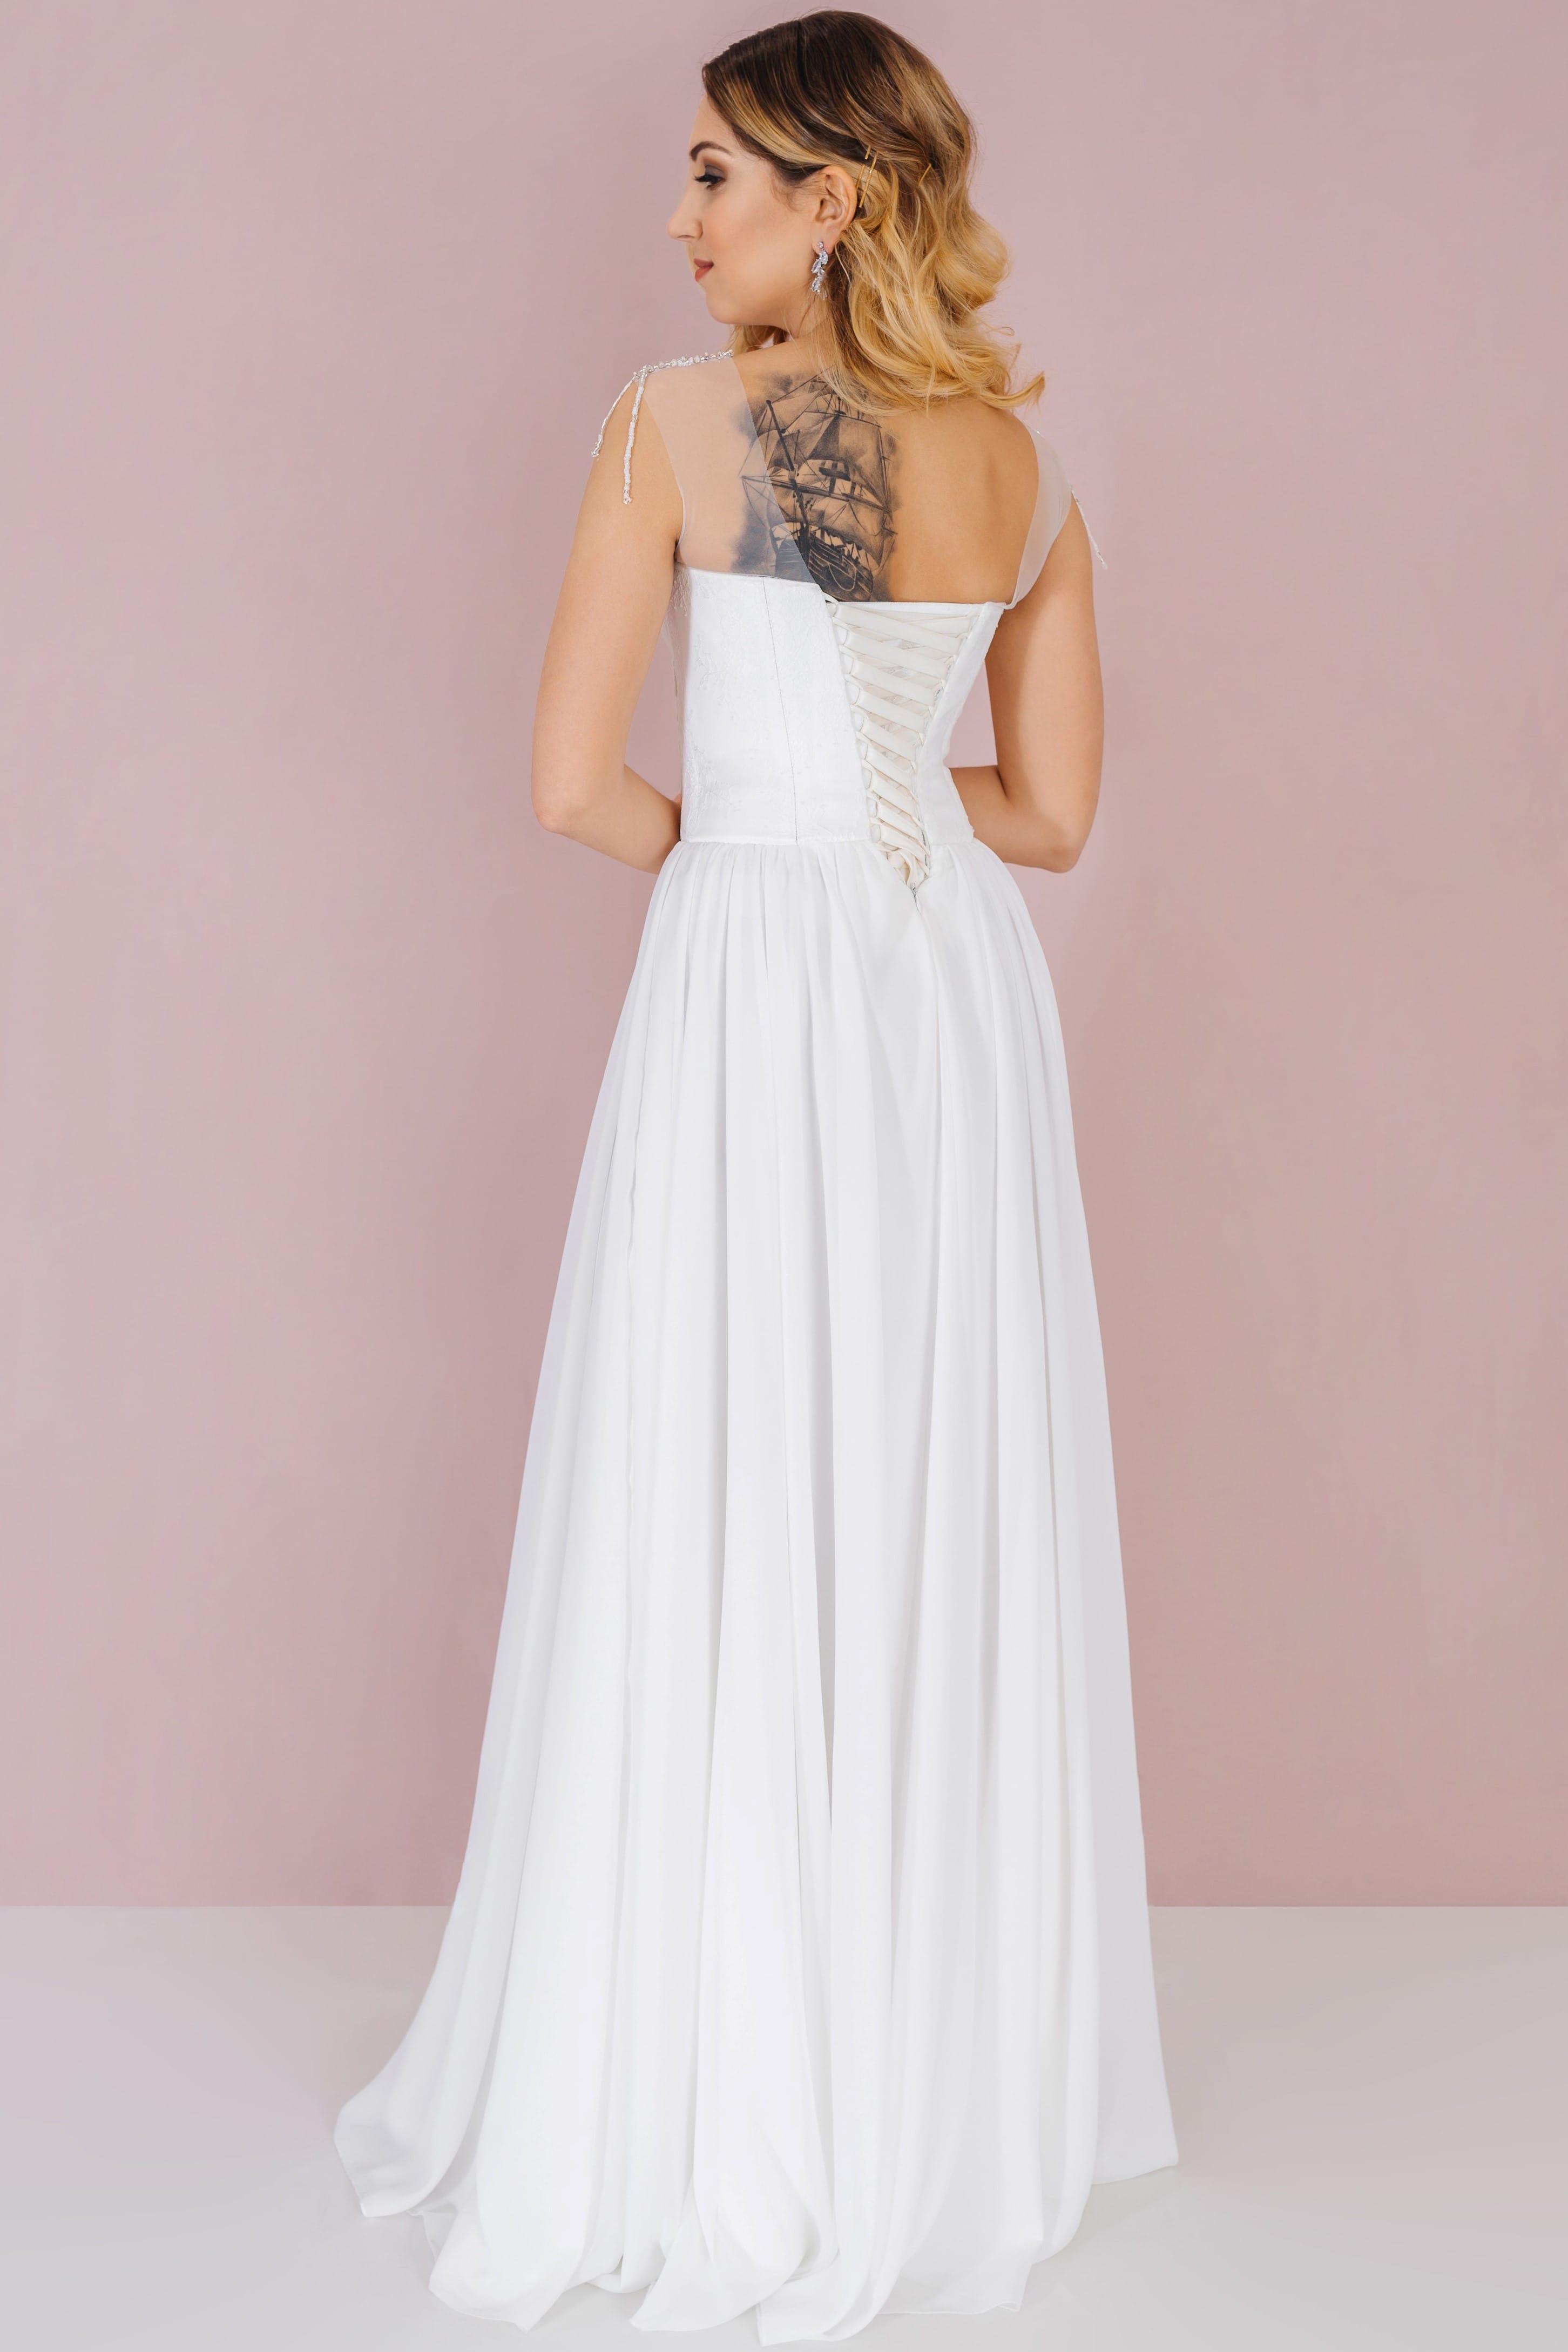 Свадебное платье HILARY, коллекция LOFT, бренд RARE BRIDAL, фото 2